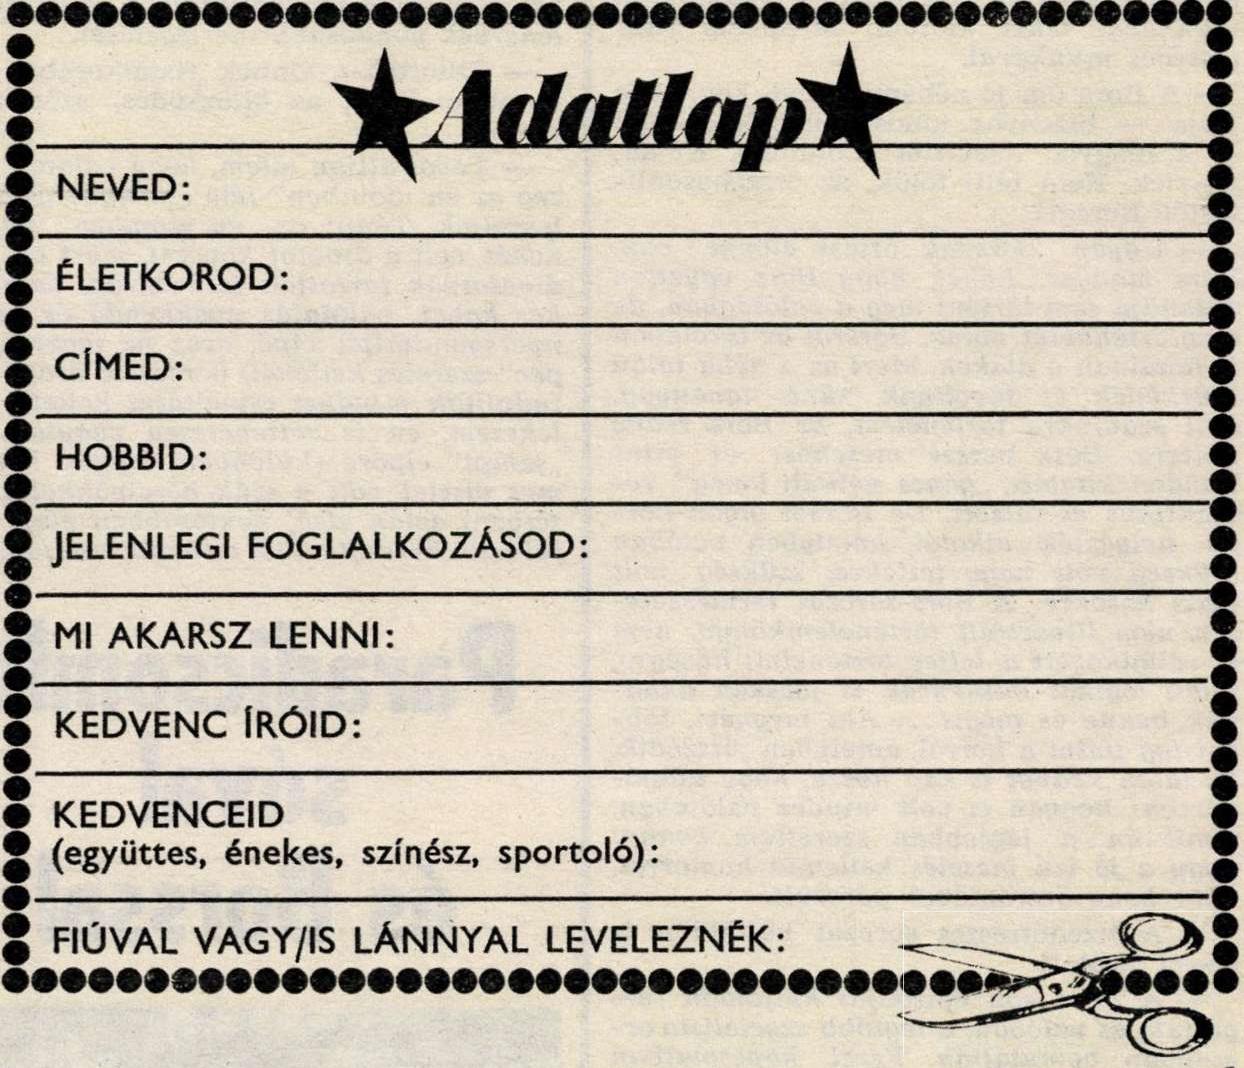 idokapszula_nb_i_1983_84_oszi_zaras_merlegen_a_felsohaz_levelezo_tarsat_keresunk.jpg